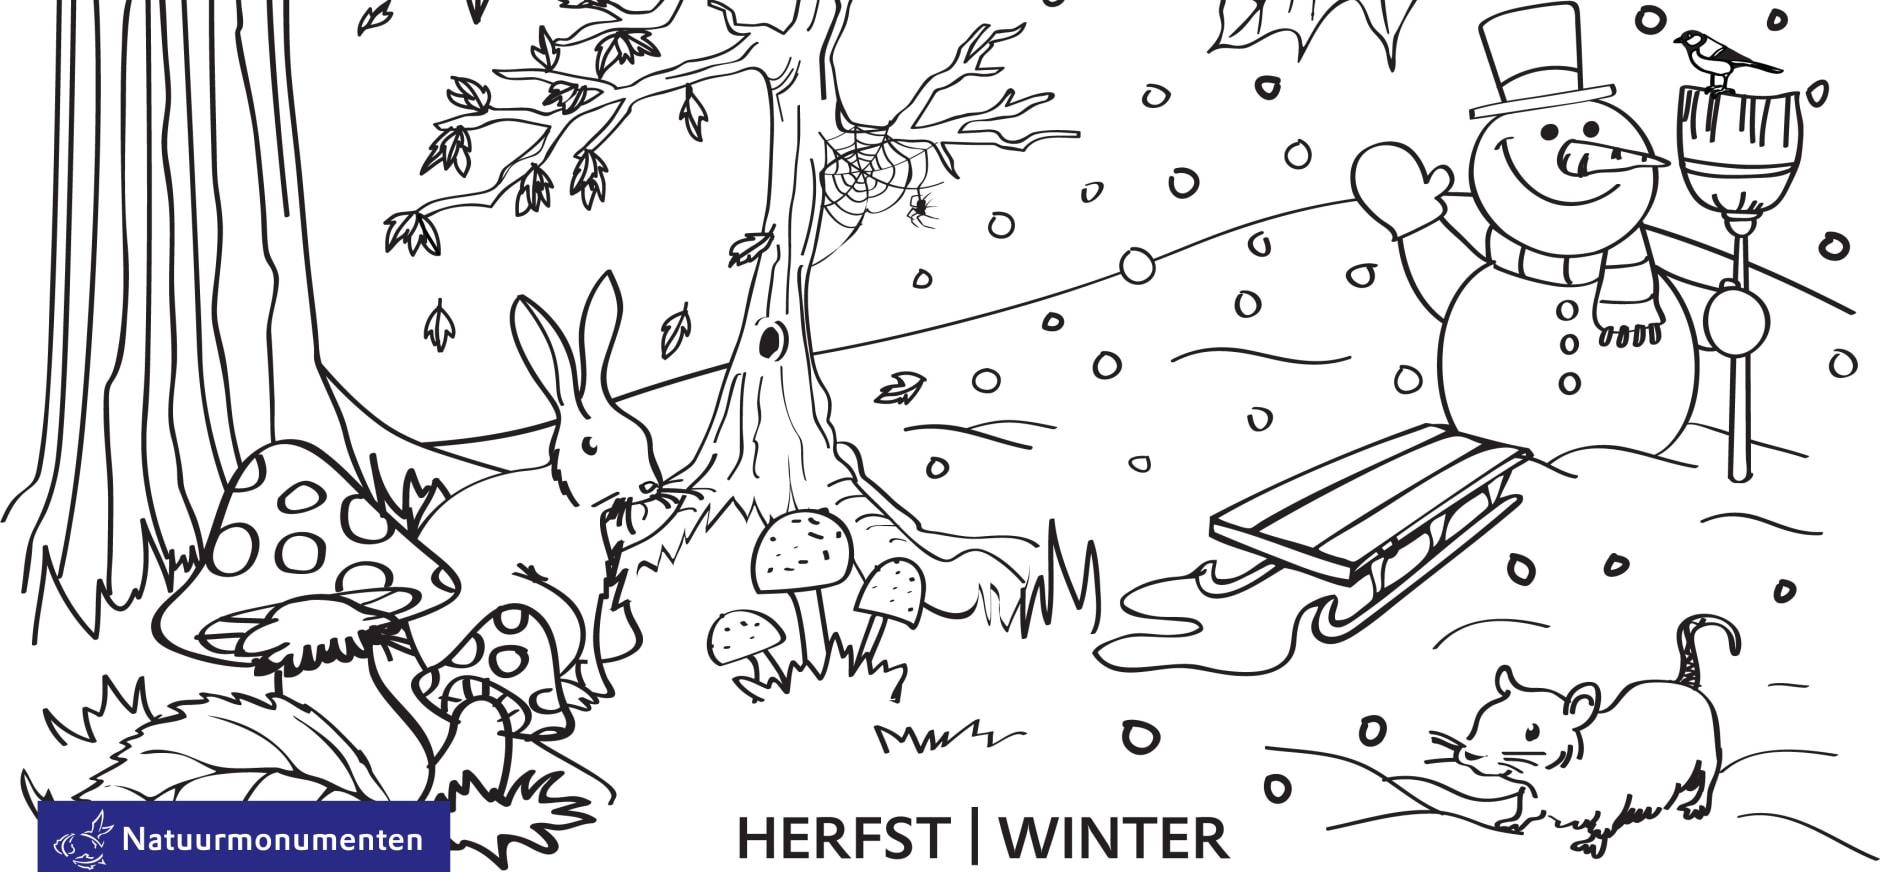 Kleurplaten Herfst Winter.Kleurplaat Winter Natuurmonumenten